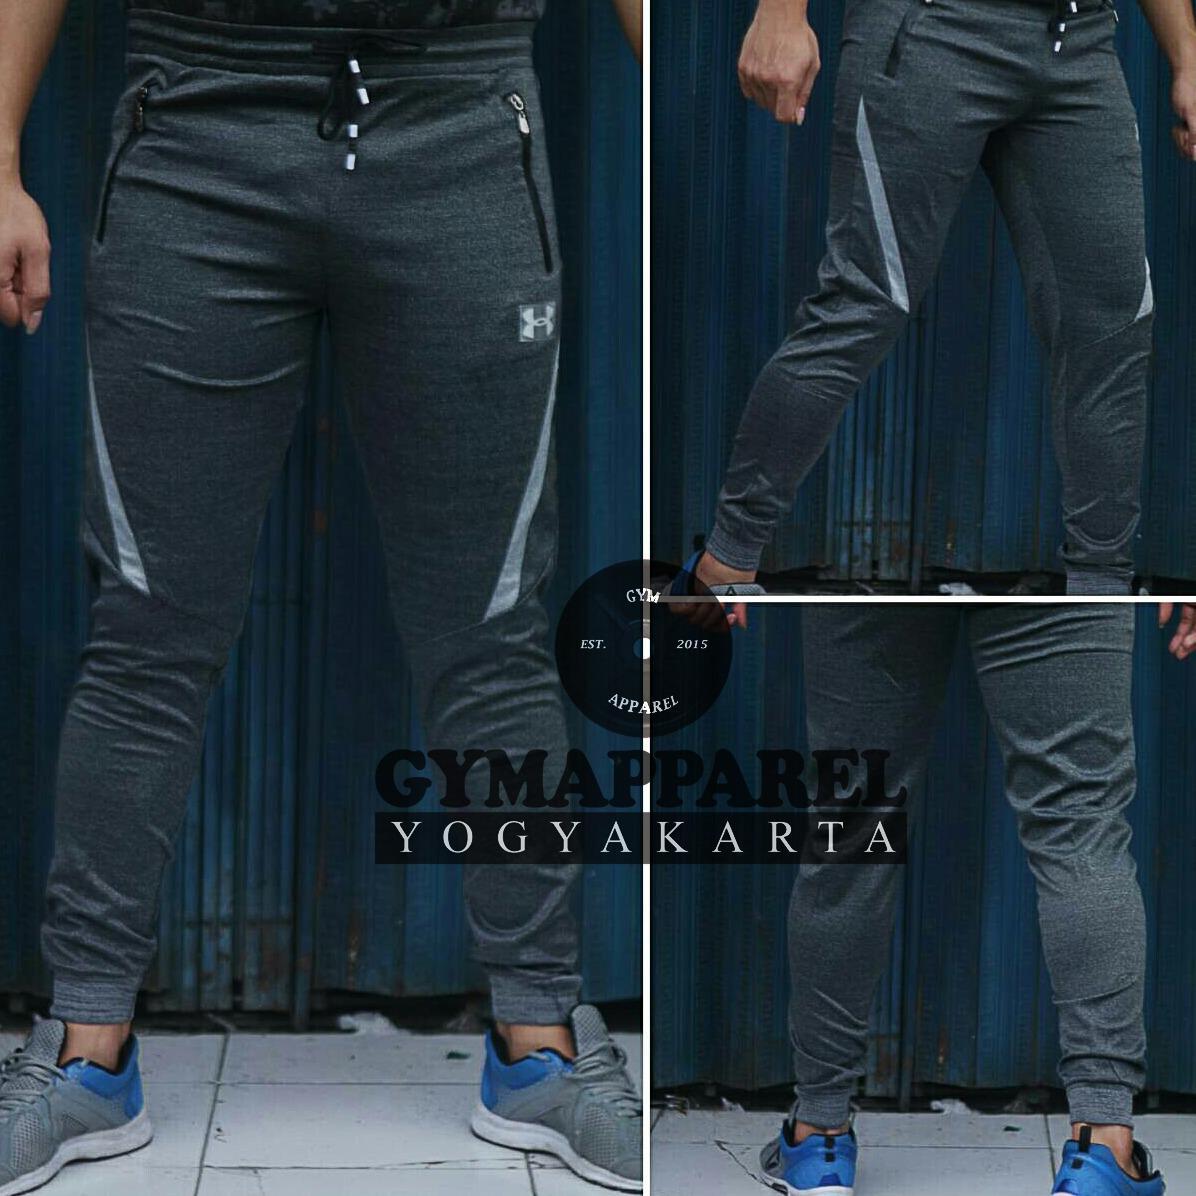 Celana panjang olahraga jogger pants sweatpants under armour misty MRT0118 dri fit gym run sepeda